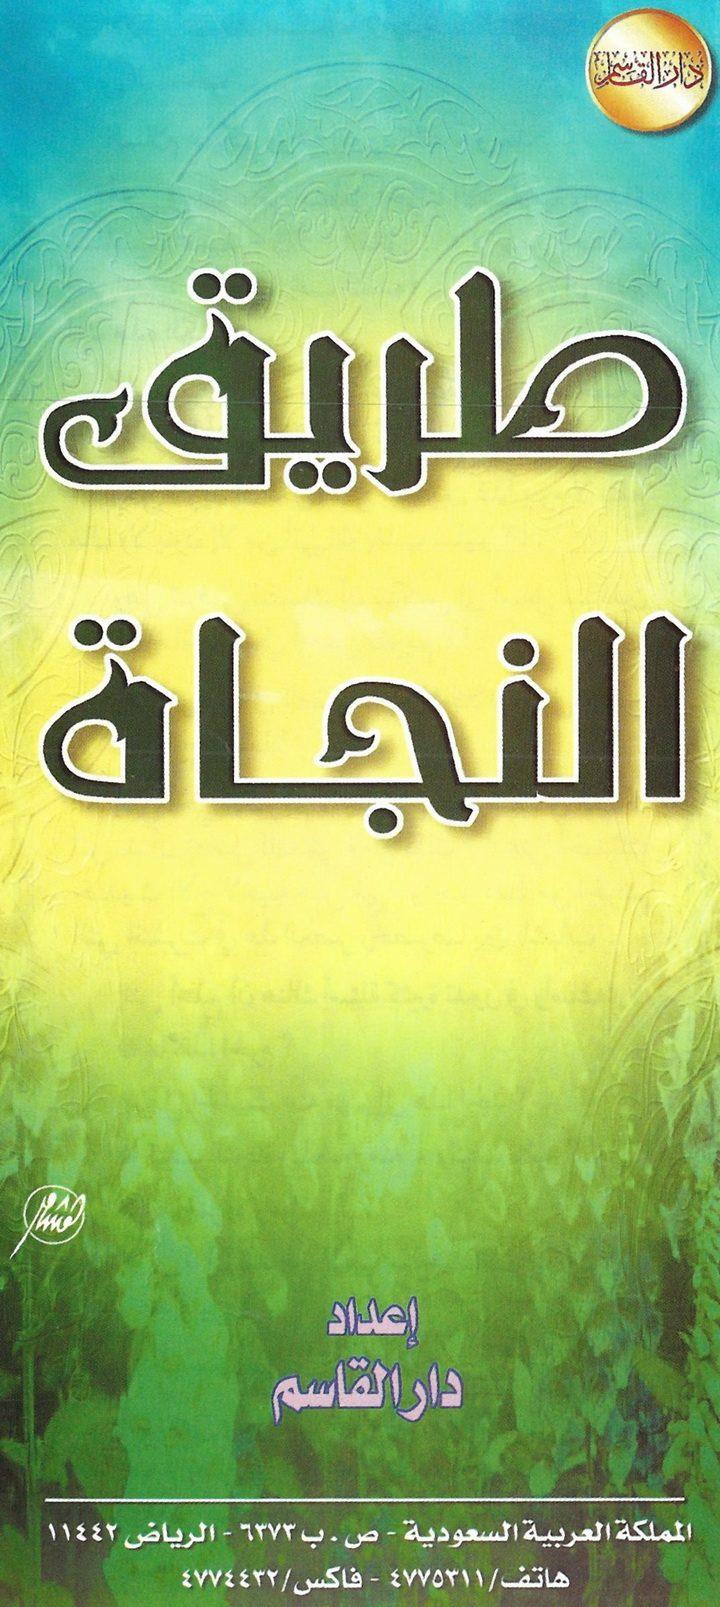 طريق النجاة (دار القاسم)